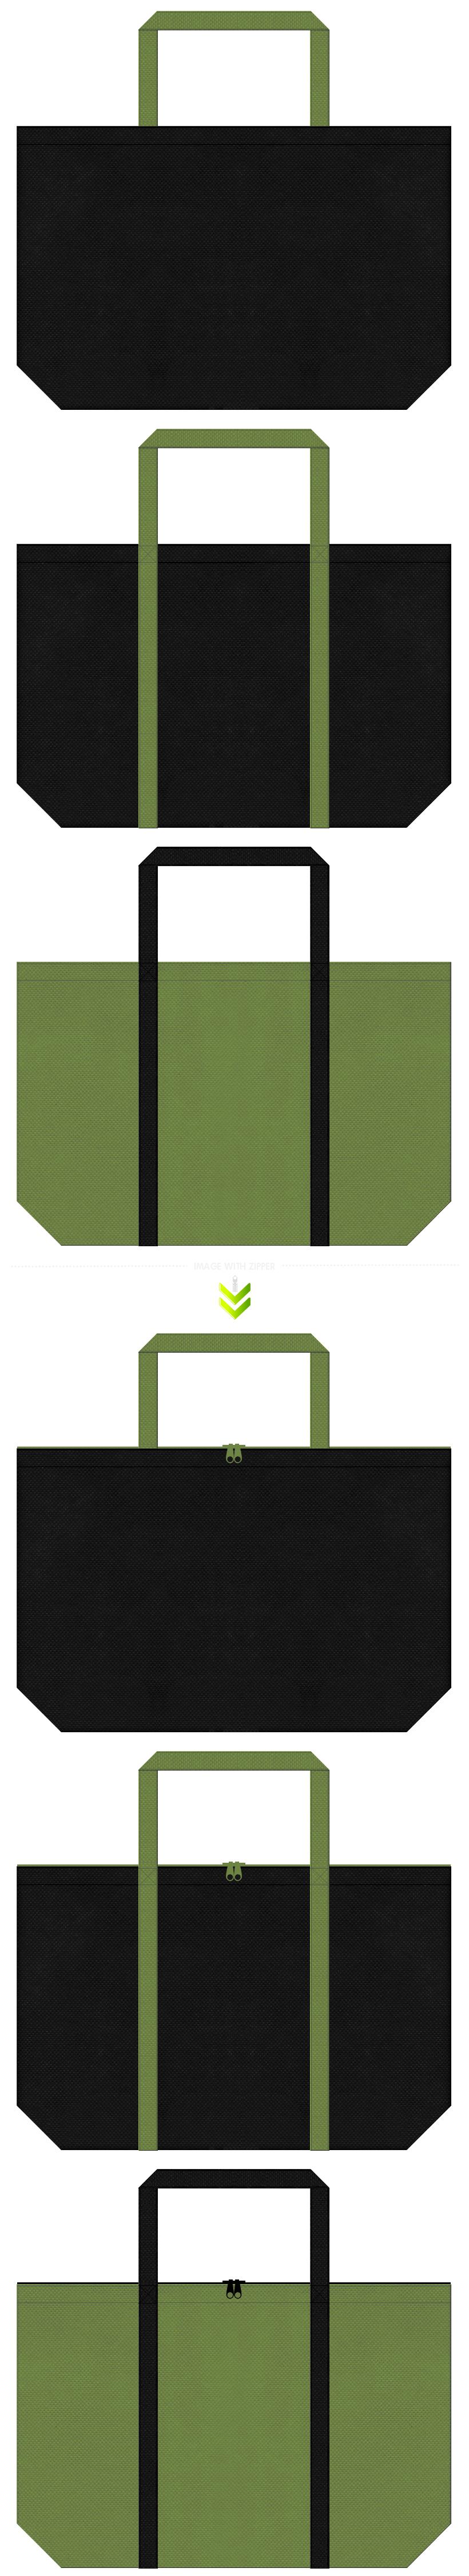 黒色と草色の不織布エコバッグのデザイン。書道・剣道・弓道のイメージにお奨めです。